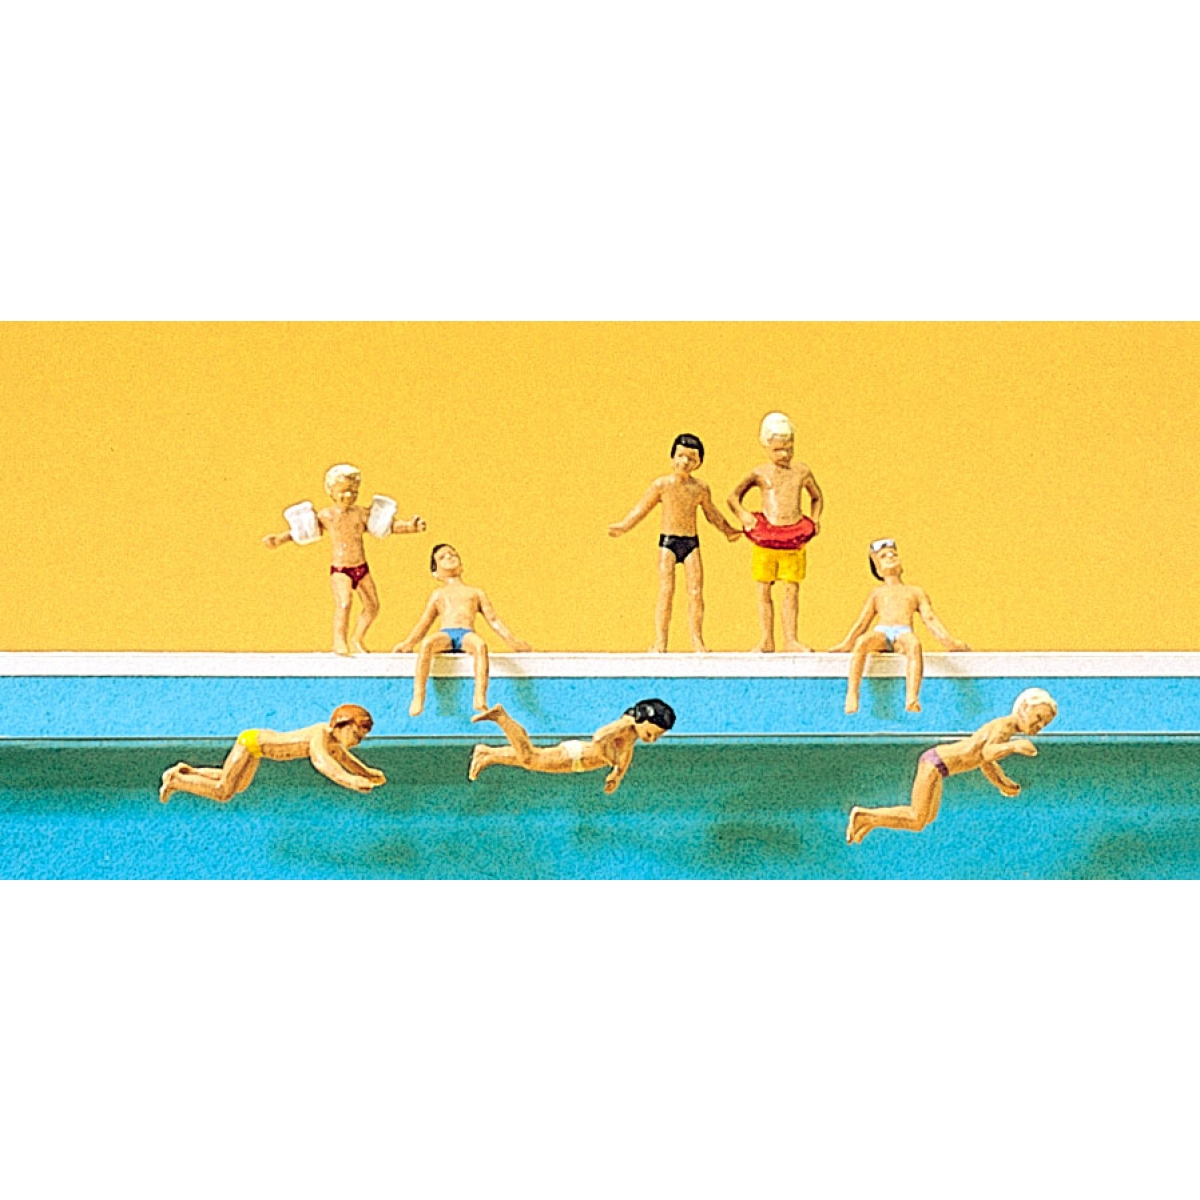 Preiser 10307 Kinder im Schwimmbad H0